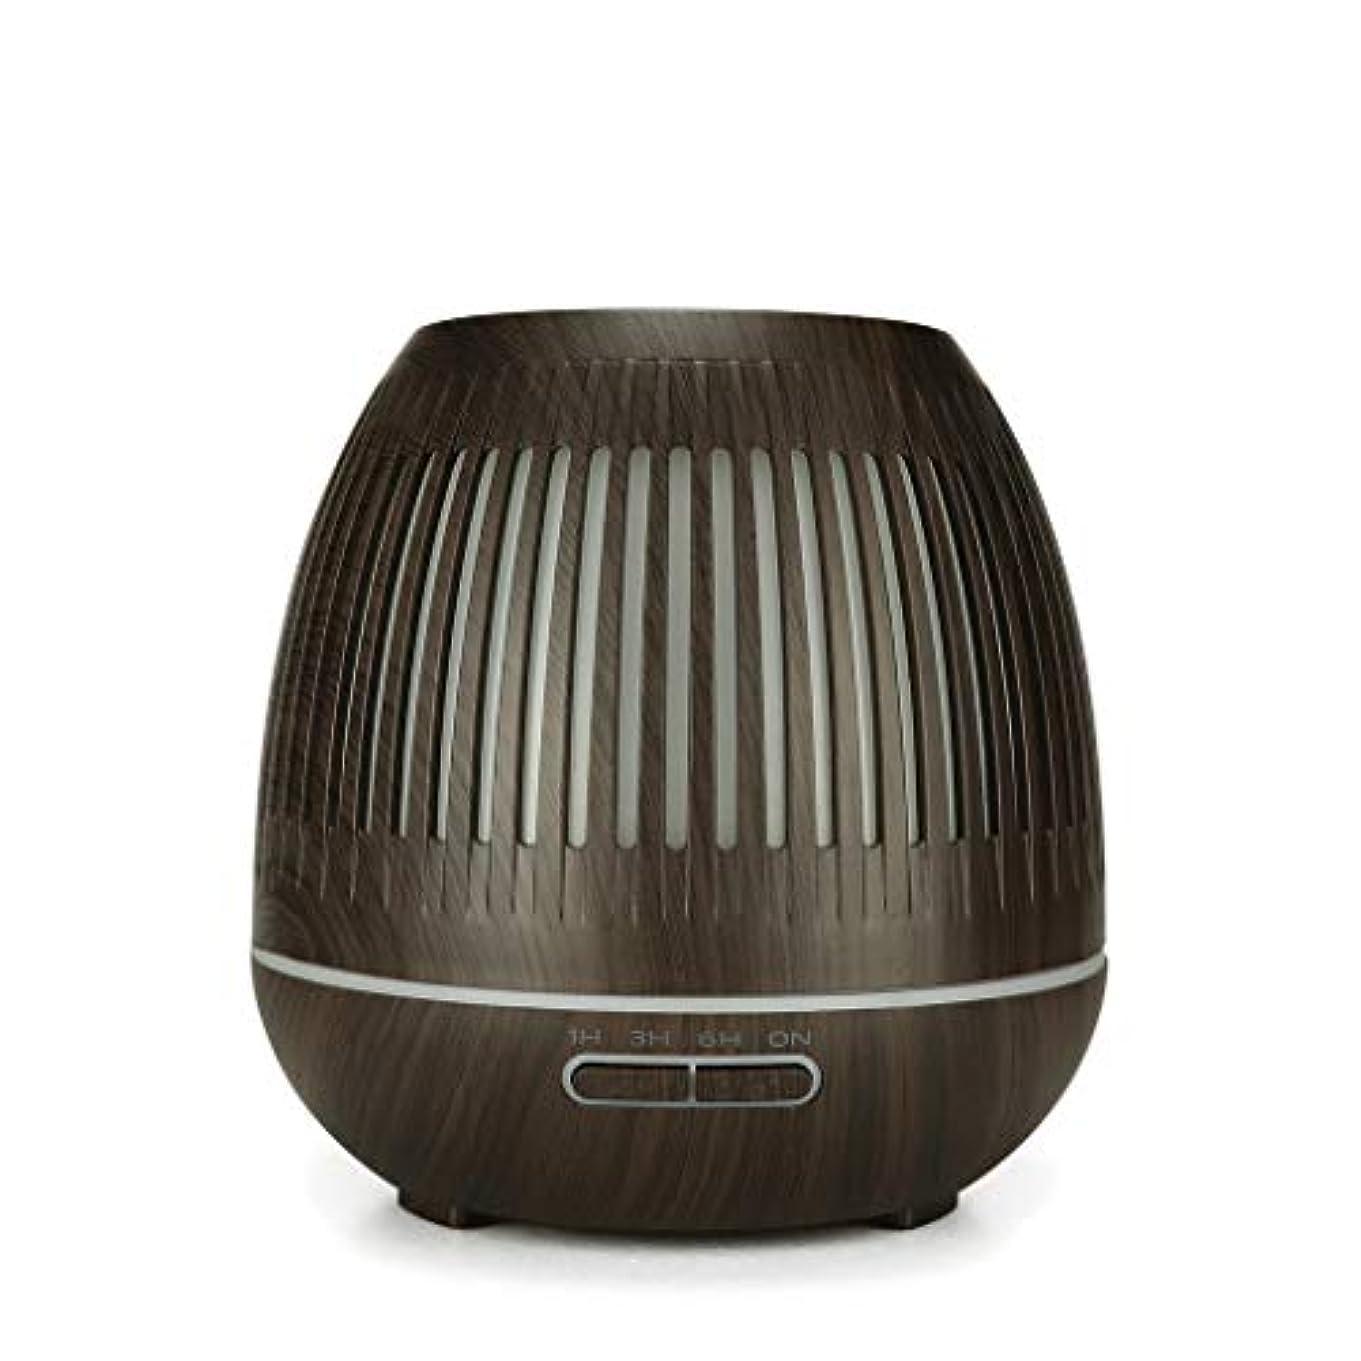 恥グローバル長椅子400ミリリットル超音波クールミスト加湿器付きカラーledライト用ホームヨガオフィススパ寝室ベビールーム - ウッドグレインディフューザー (Color : Dark wood grain)